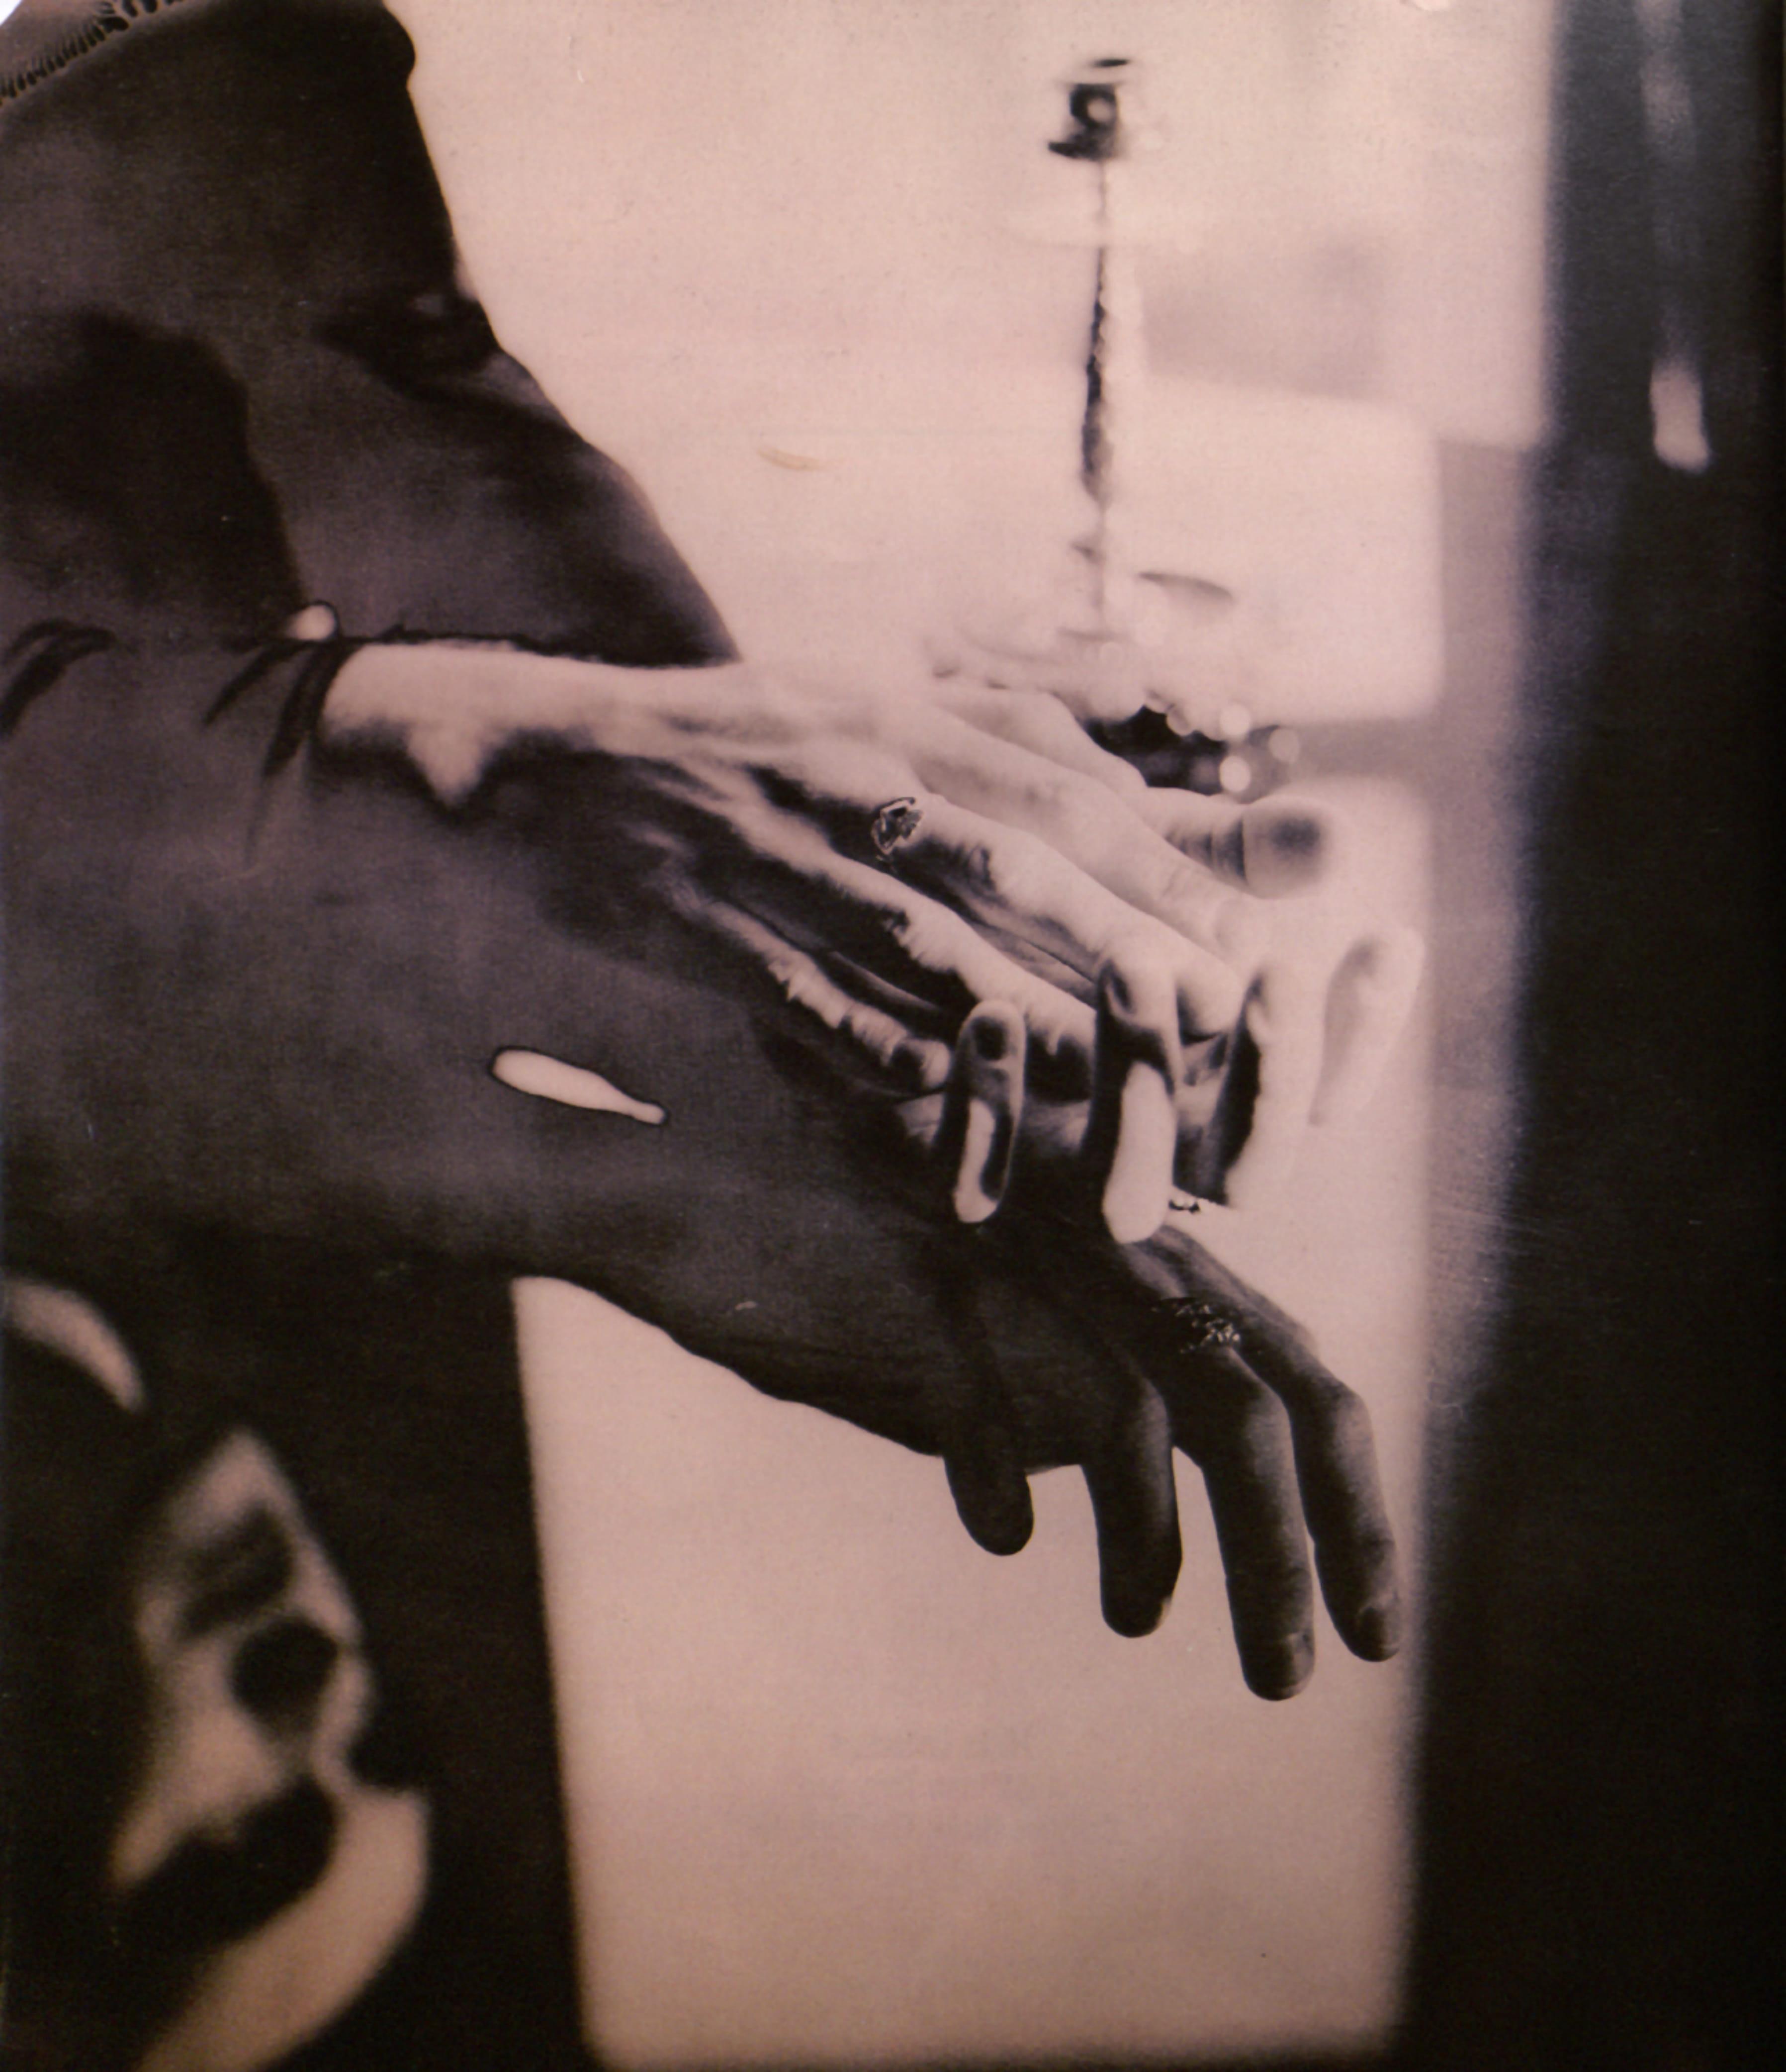 HandsDouglasBrothers1991Peepholism.jpg